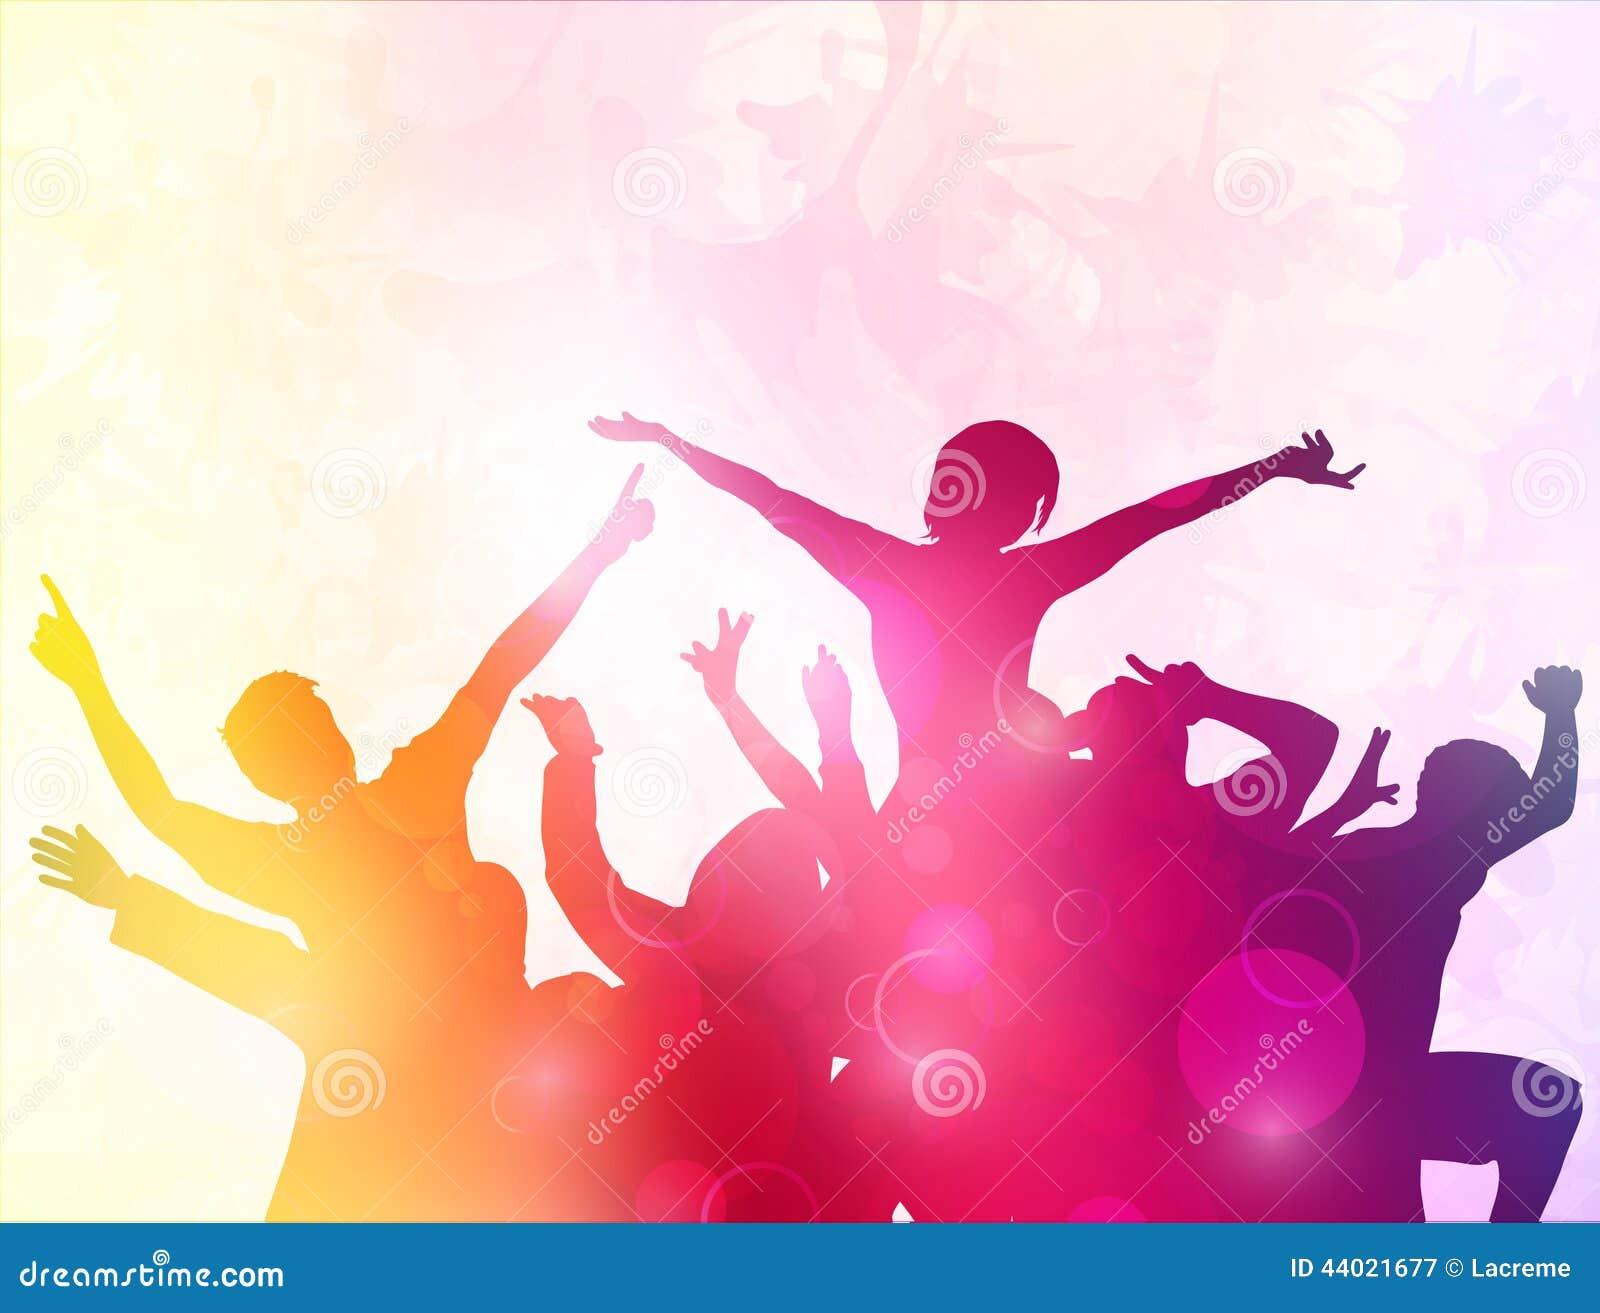 美女跳舞视频性感